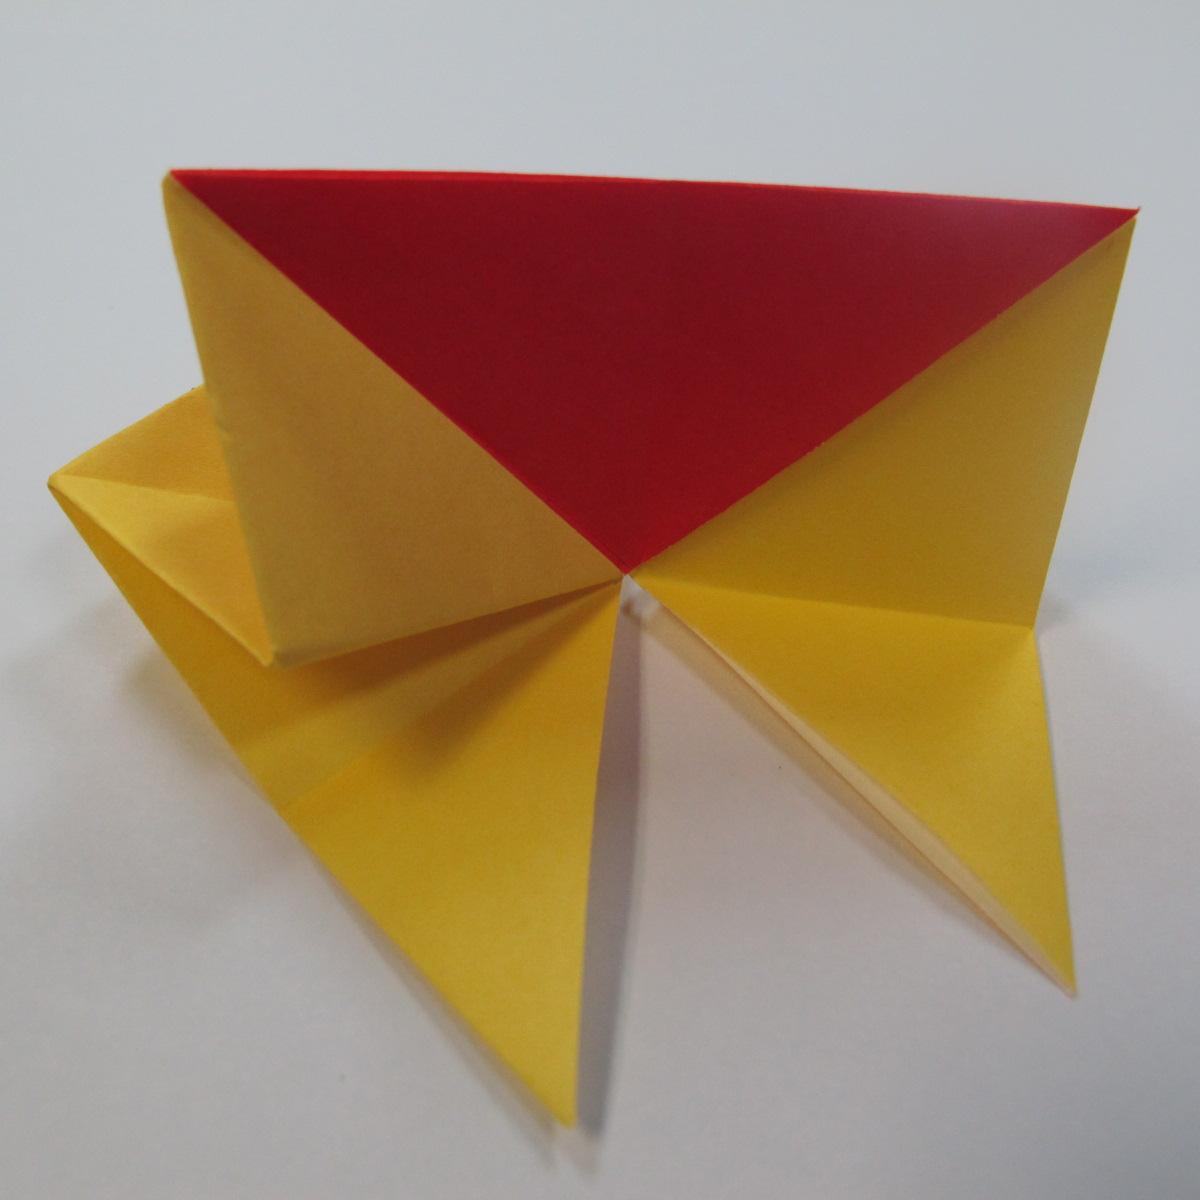 วิธีการพับกระดาษเป็นดาวหกแฉกแบบโมดูล่า 014